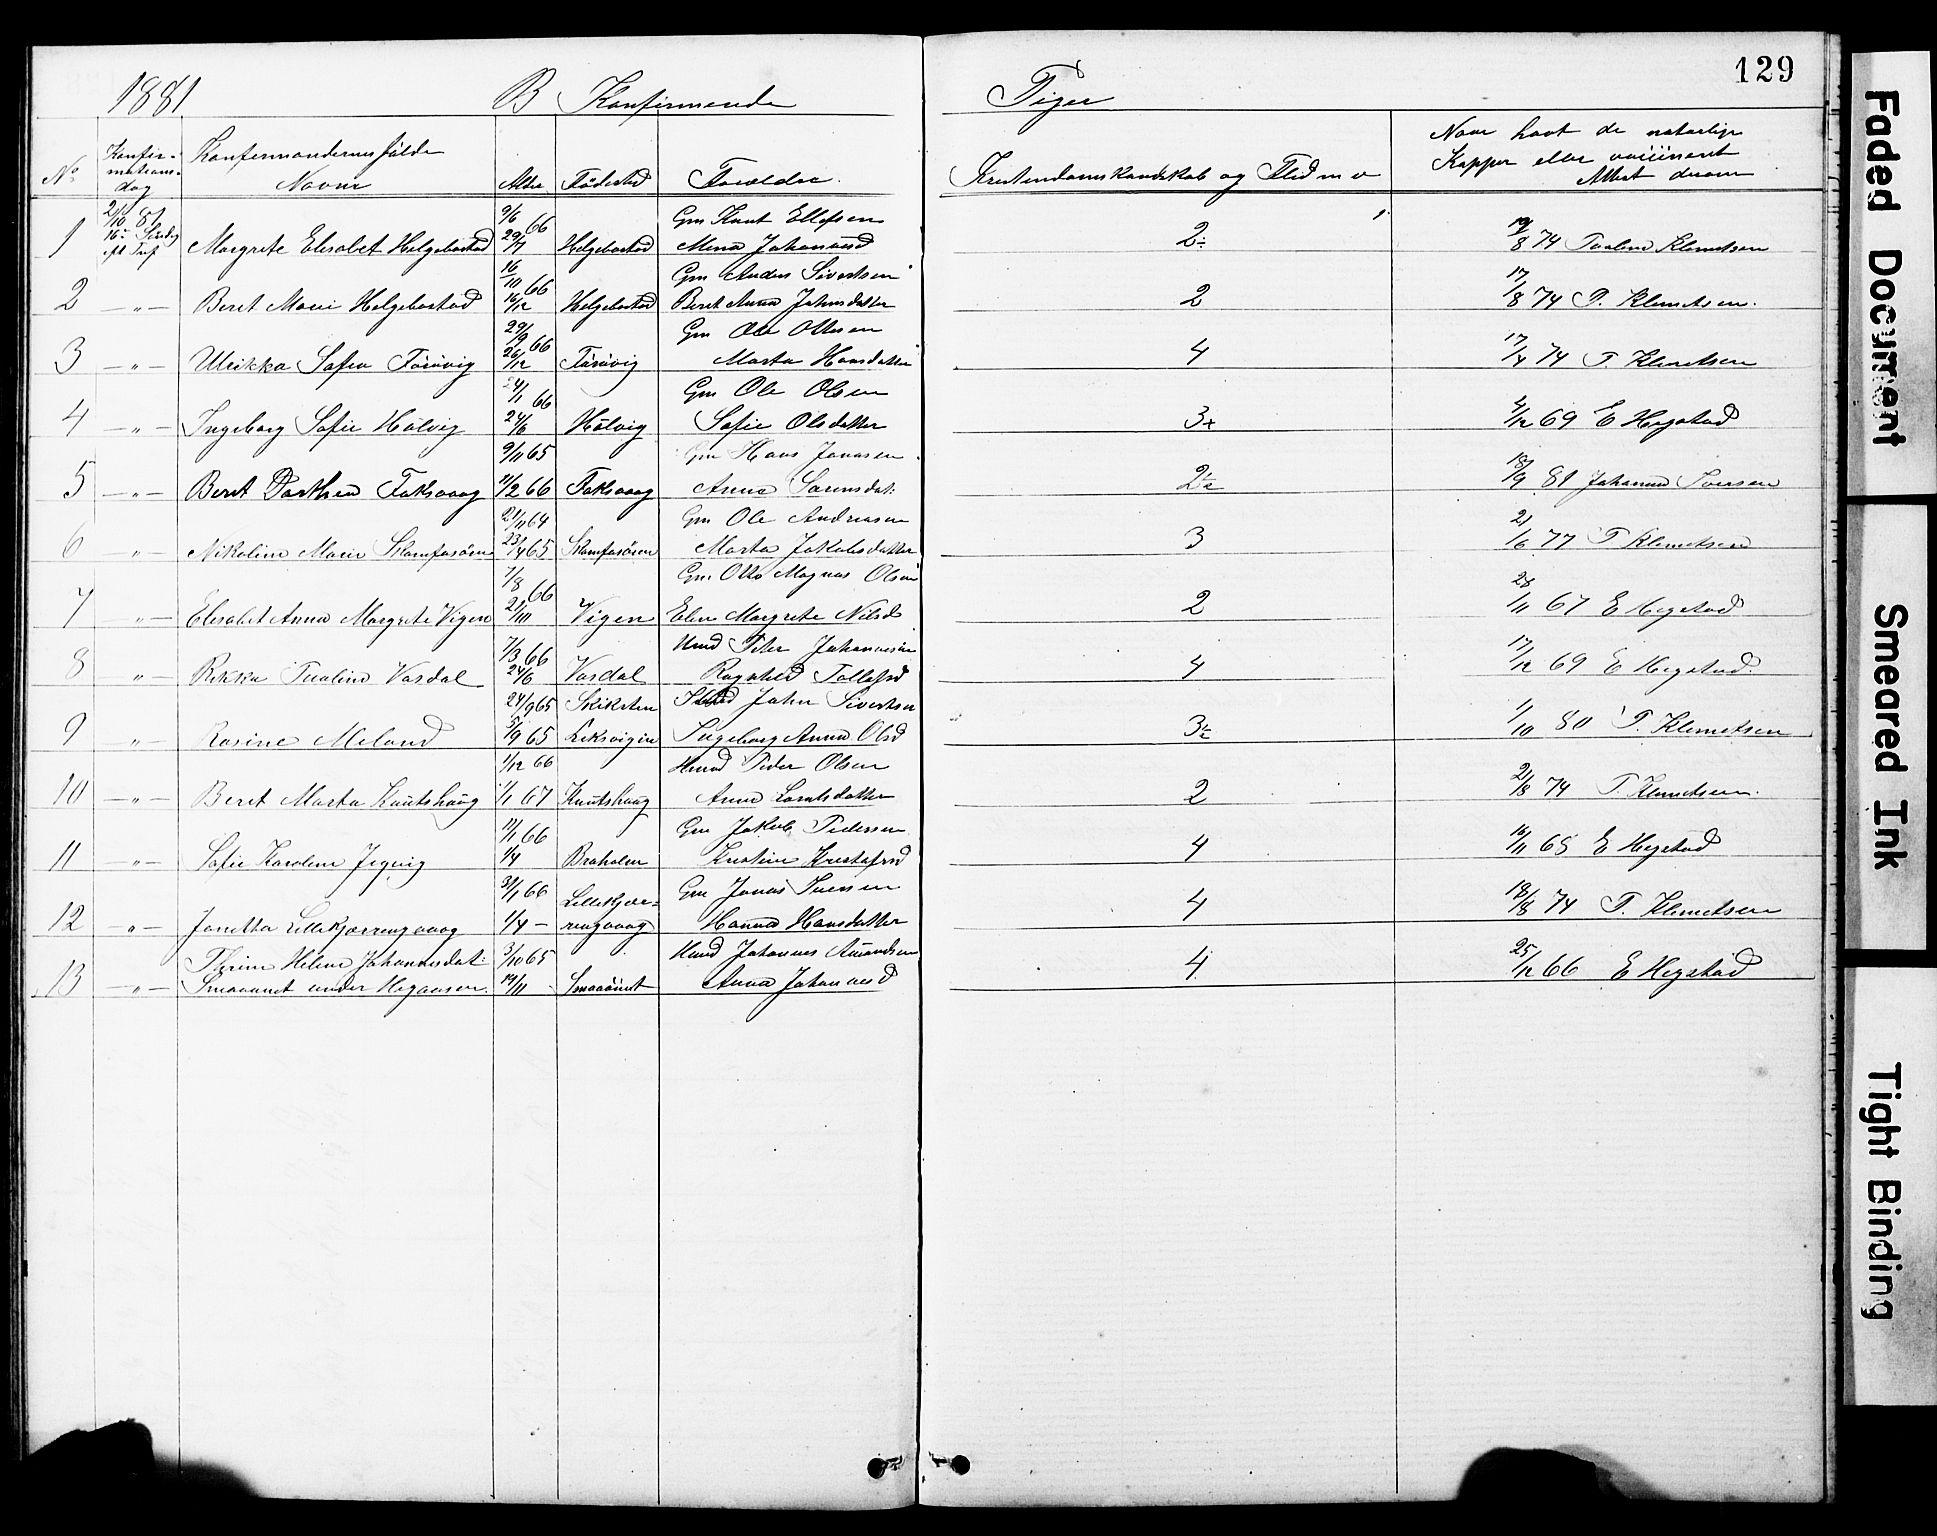 SAT, Ministerialprotokoller, klokkerbøker og fødselsregistre - Sør-Trøndelag, 634/L0541: Klokkerbok nr. 634C03, 1874-1891, s. 129